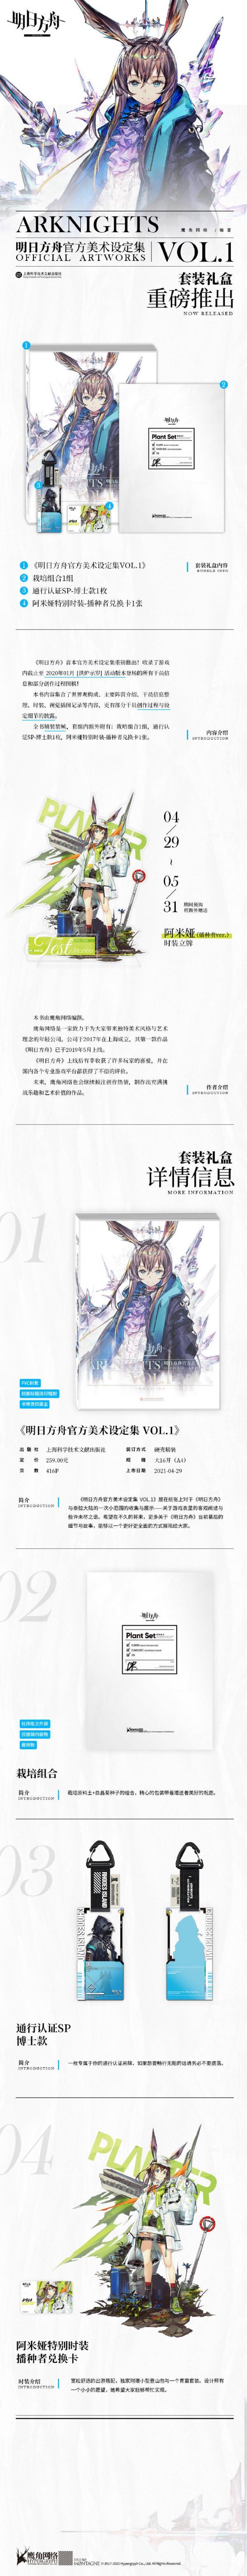 《明日方舟官方美术设定集VOL.1》将于4月29日官方旗舰店独家发售!